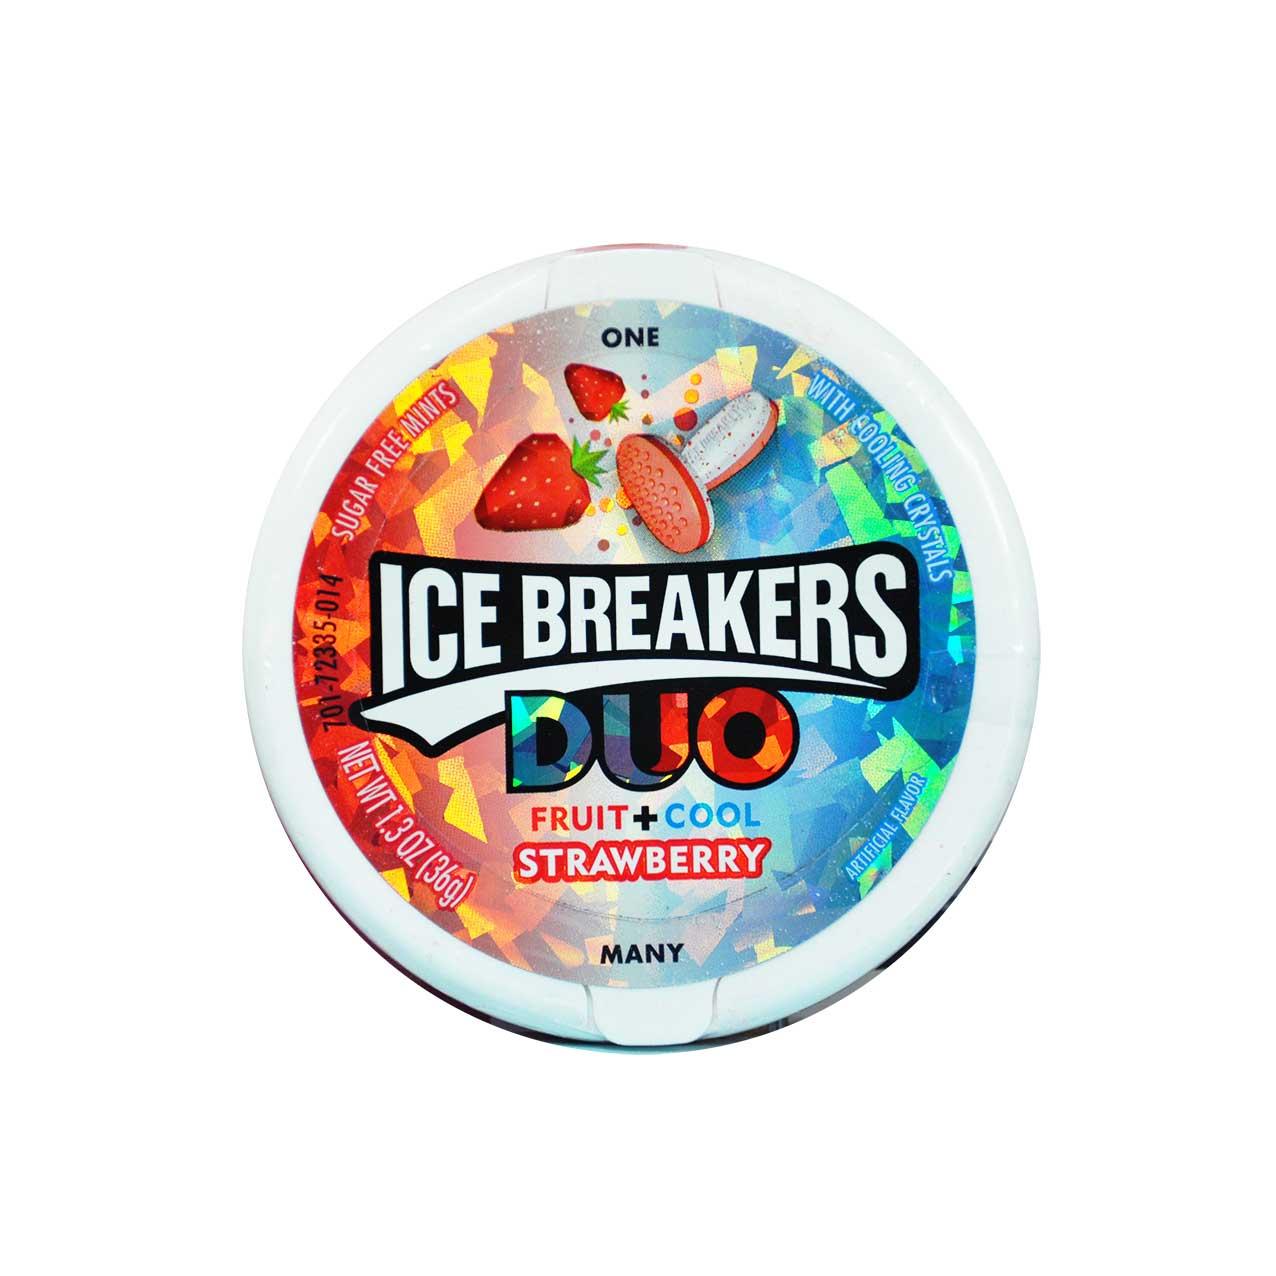 آبنبات توت فرنگی آیس بریکرز – ice breakers